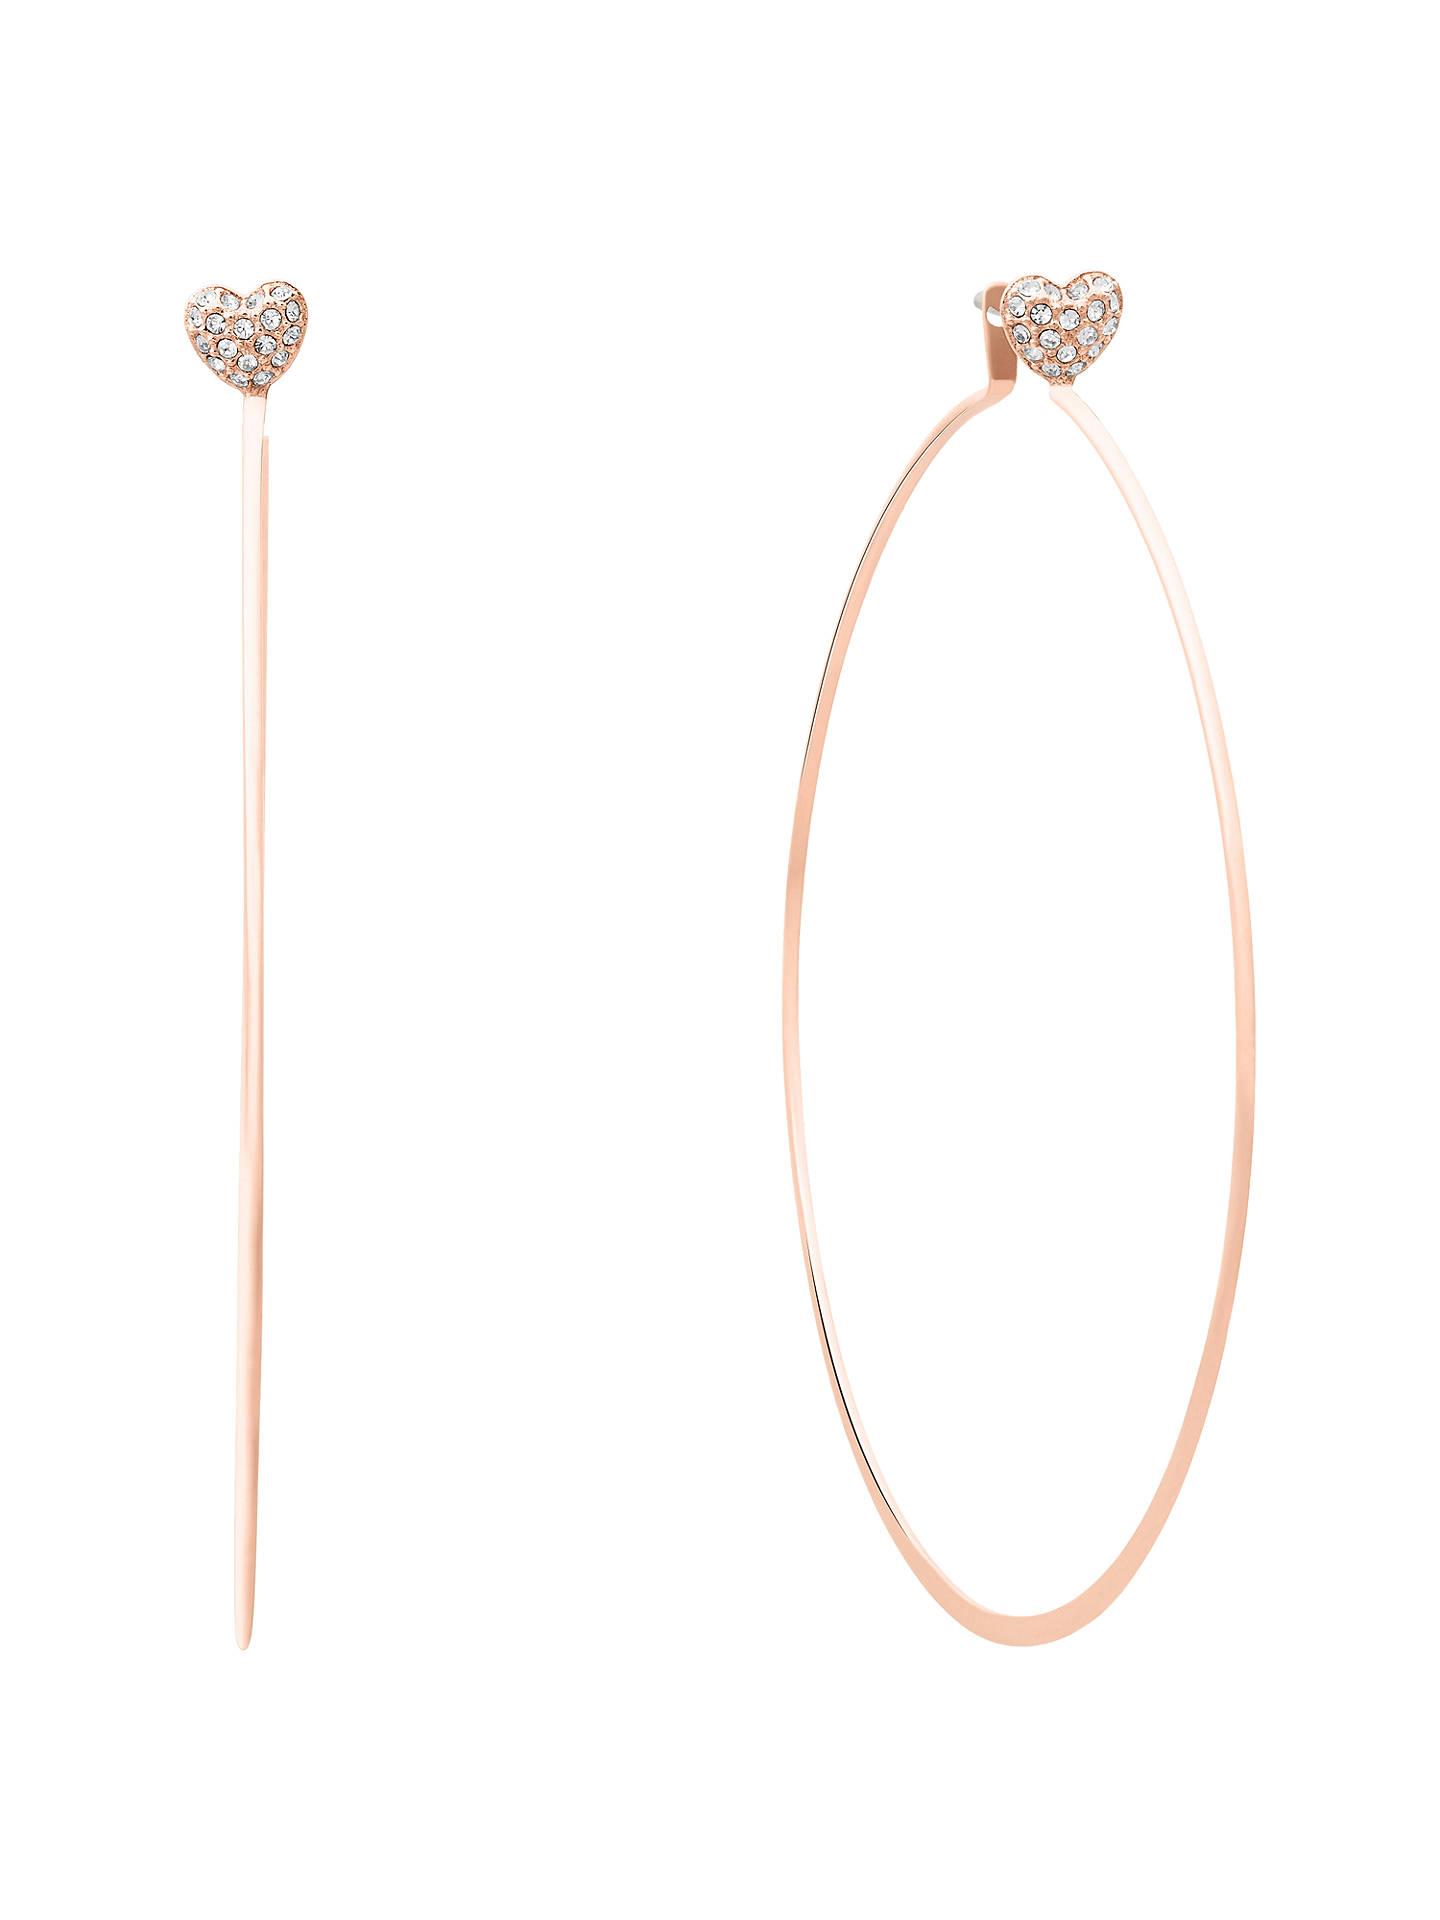 Michael Kors Love Is In The Air Hoop Earrings Rose Gold Mkj7137791 Online At Johnlewis